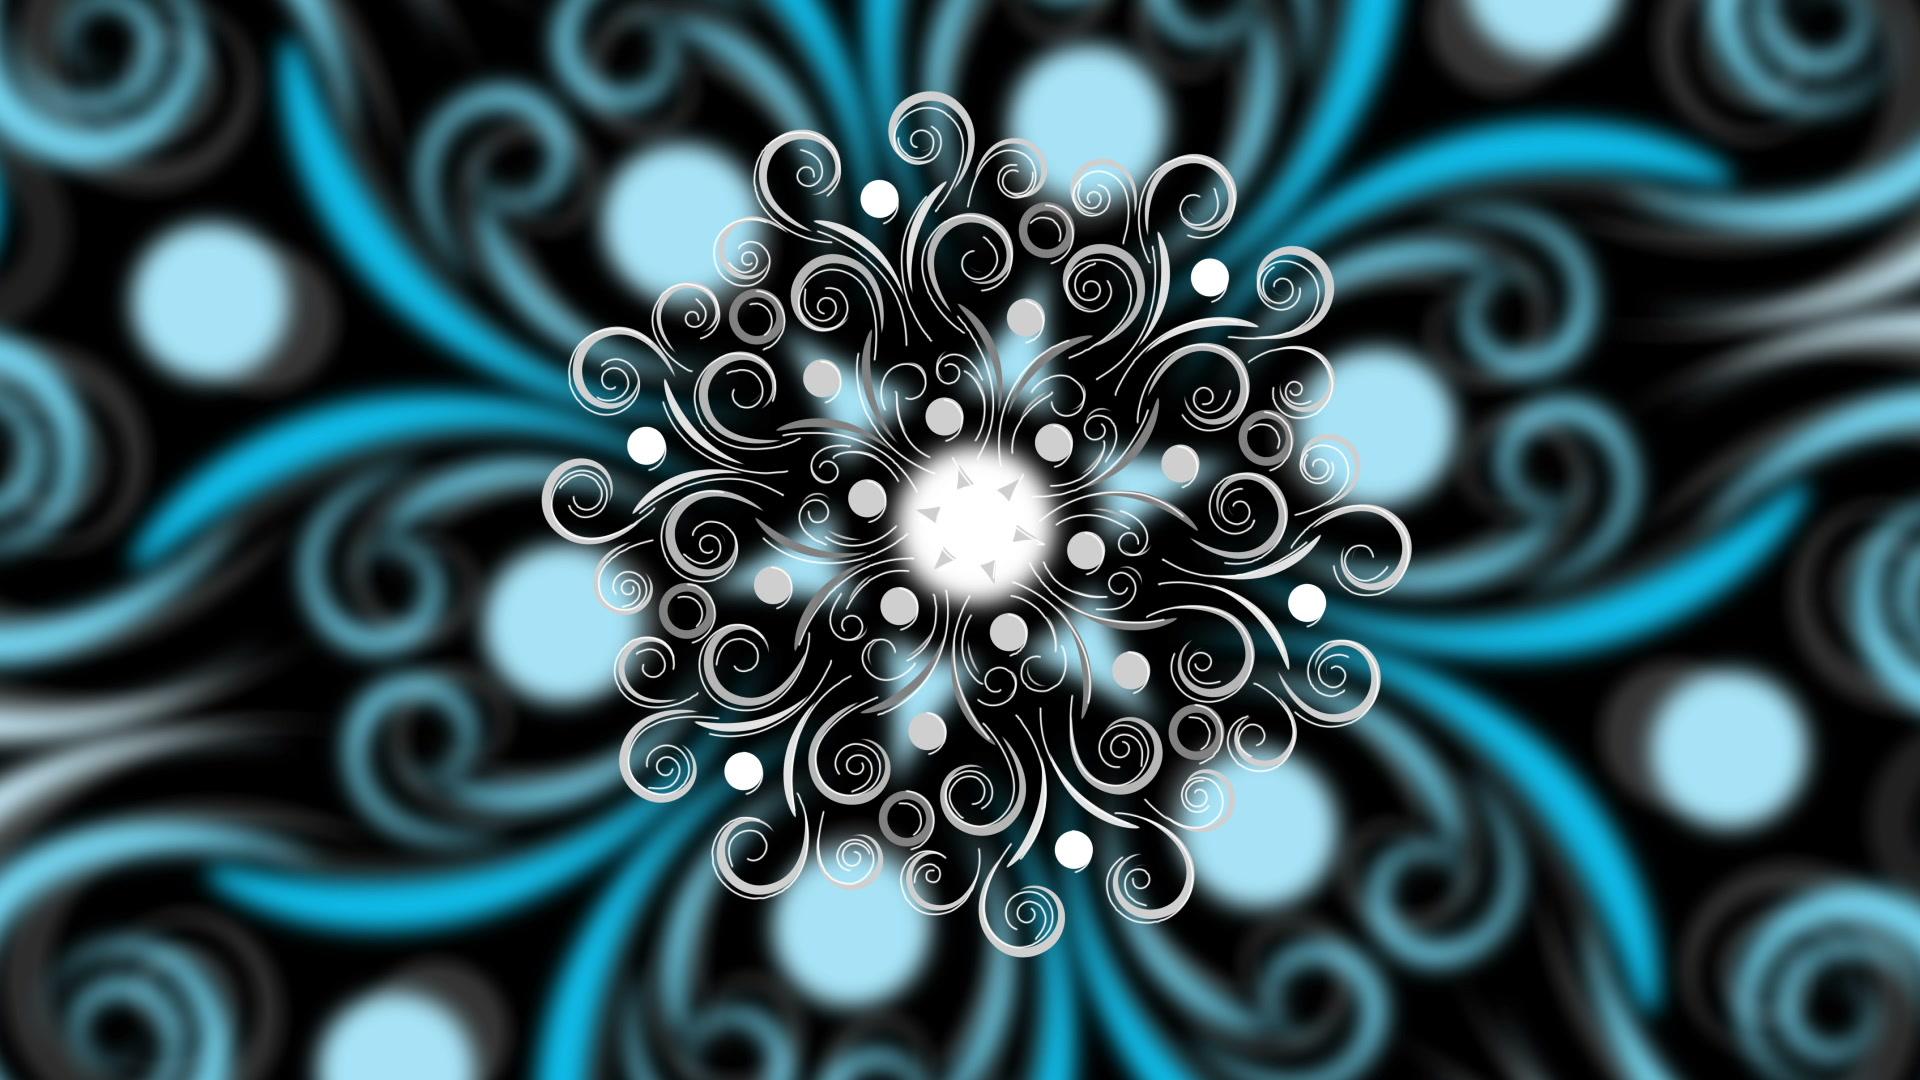 vj video background Snowflake-Ornarum-Floor-Vj-Loop-LIMEART_003